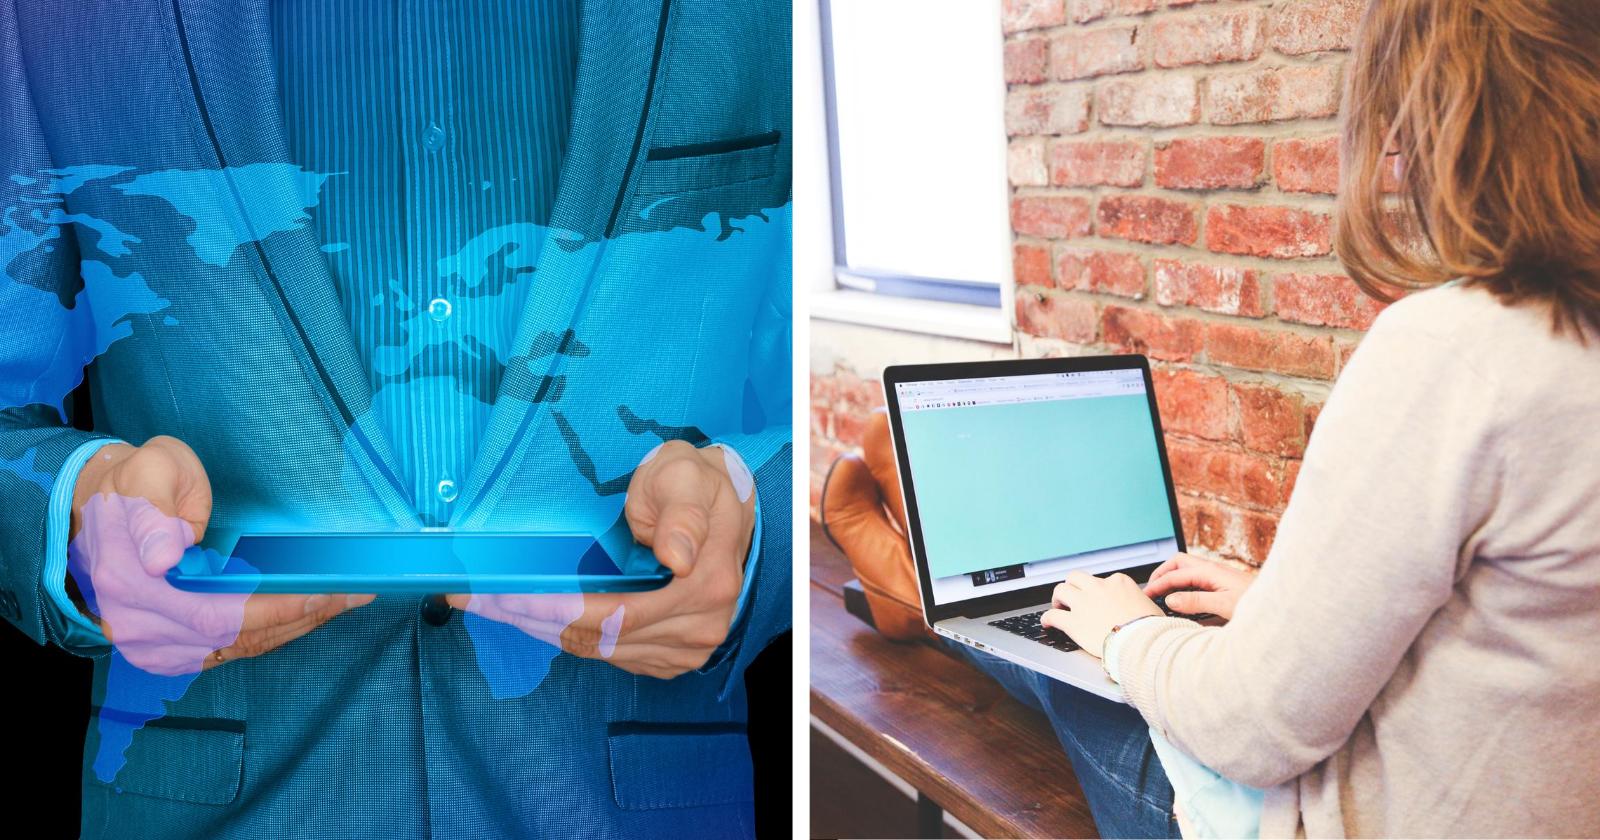 Novas oportunidades para ganhar dinheiro em casa, que vão além do Marketing Digital!